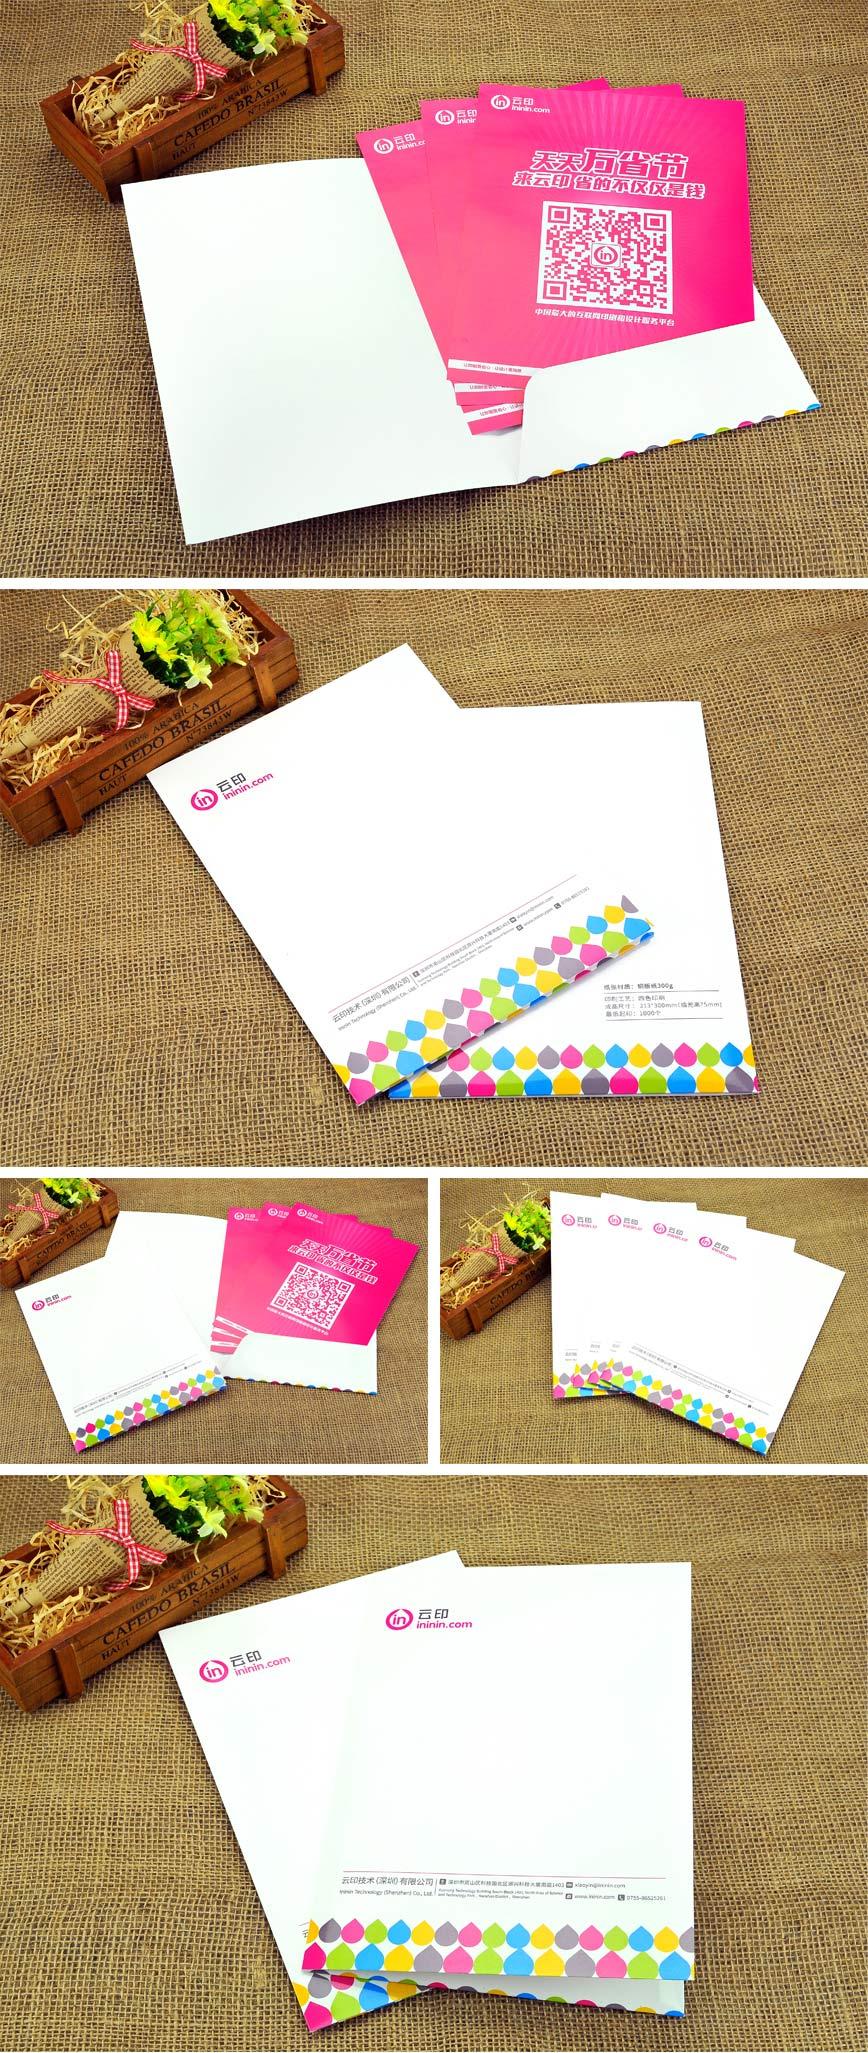 封套樣品展示,封套局部細節、顏色、款式展示。